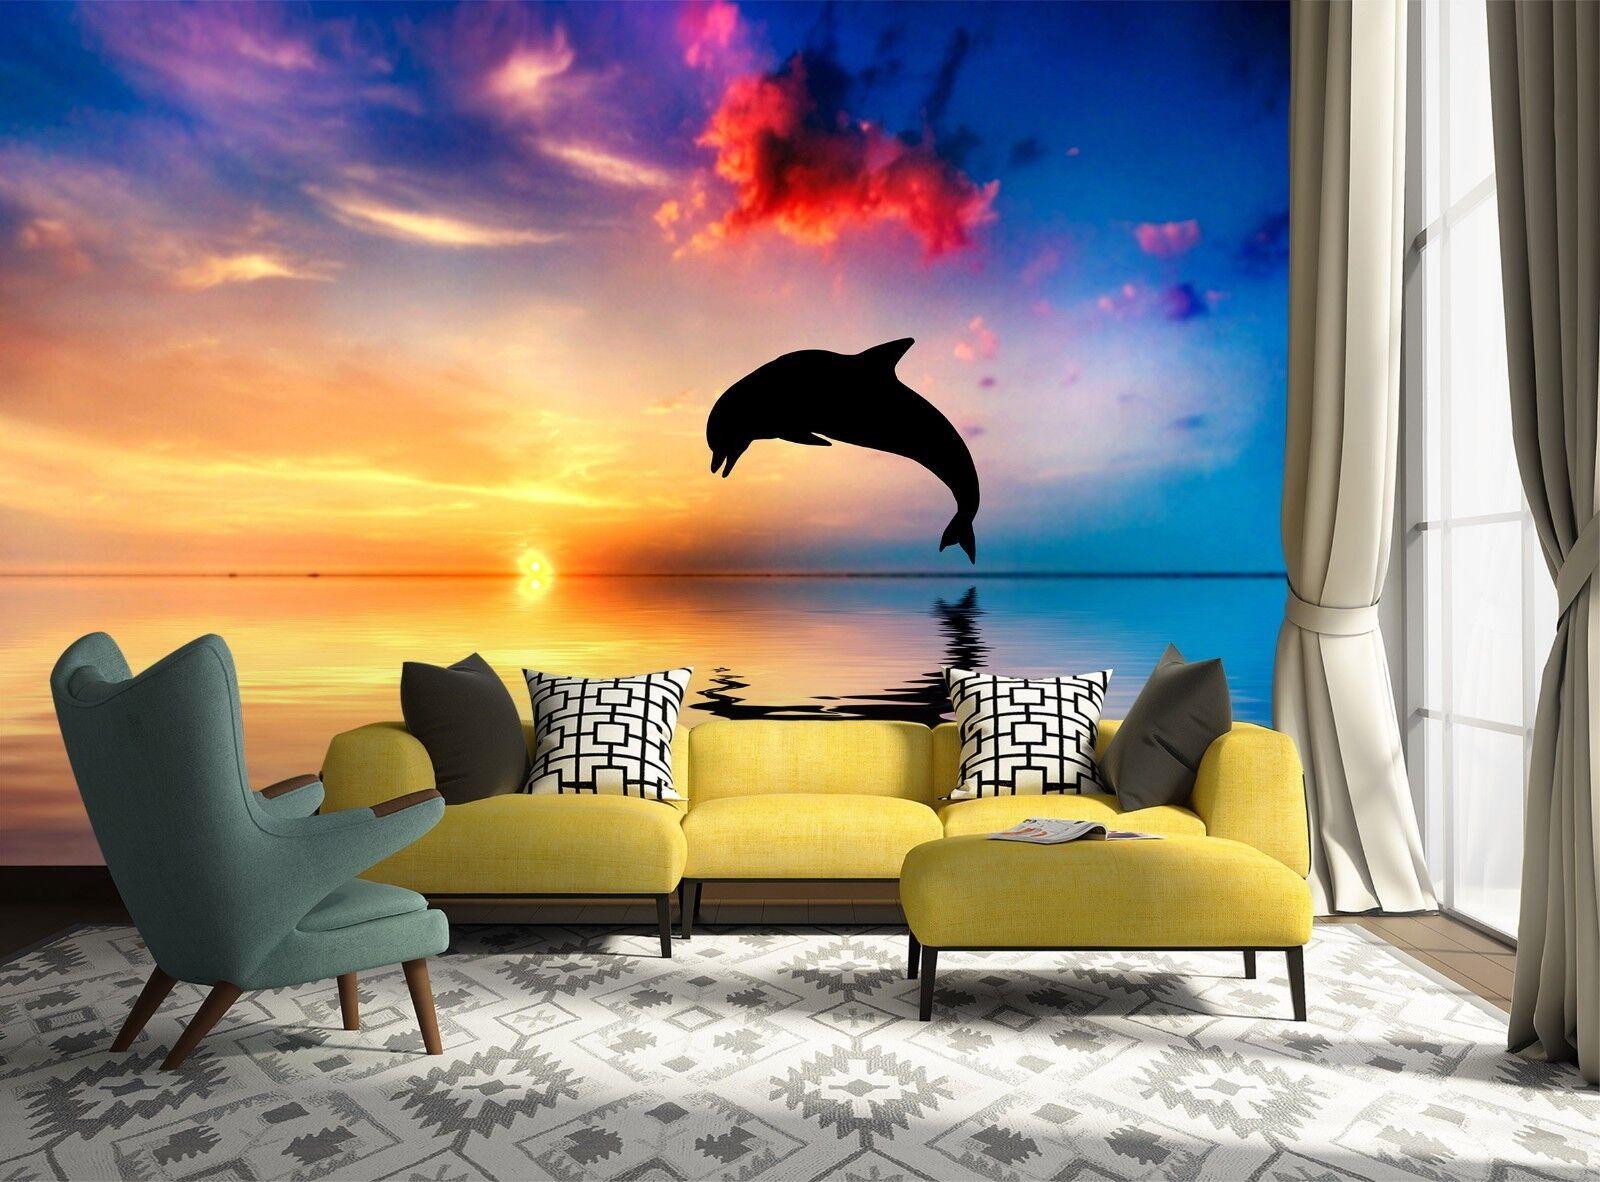 3D Dusk Dolphin 7127 Wallpaper Mural Wall Print Wall Wallpaper Murals US Lemon